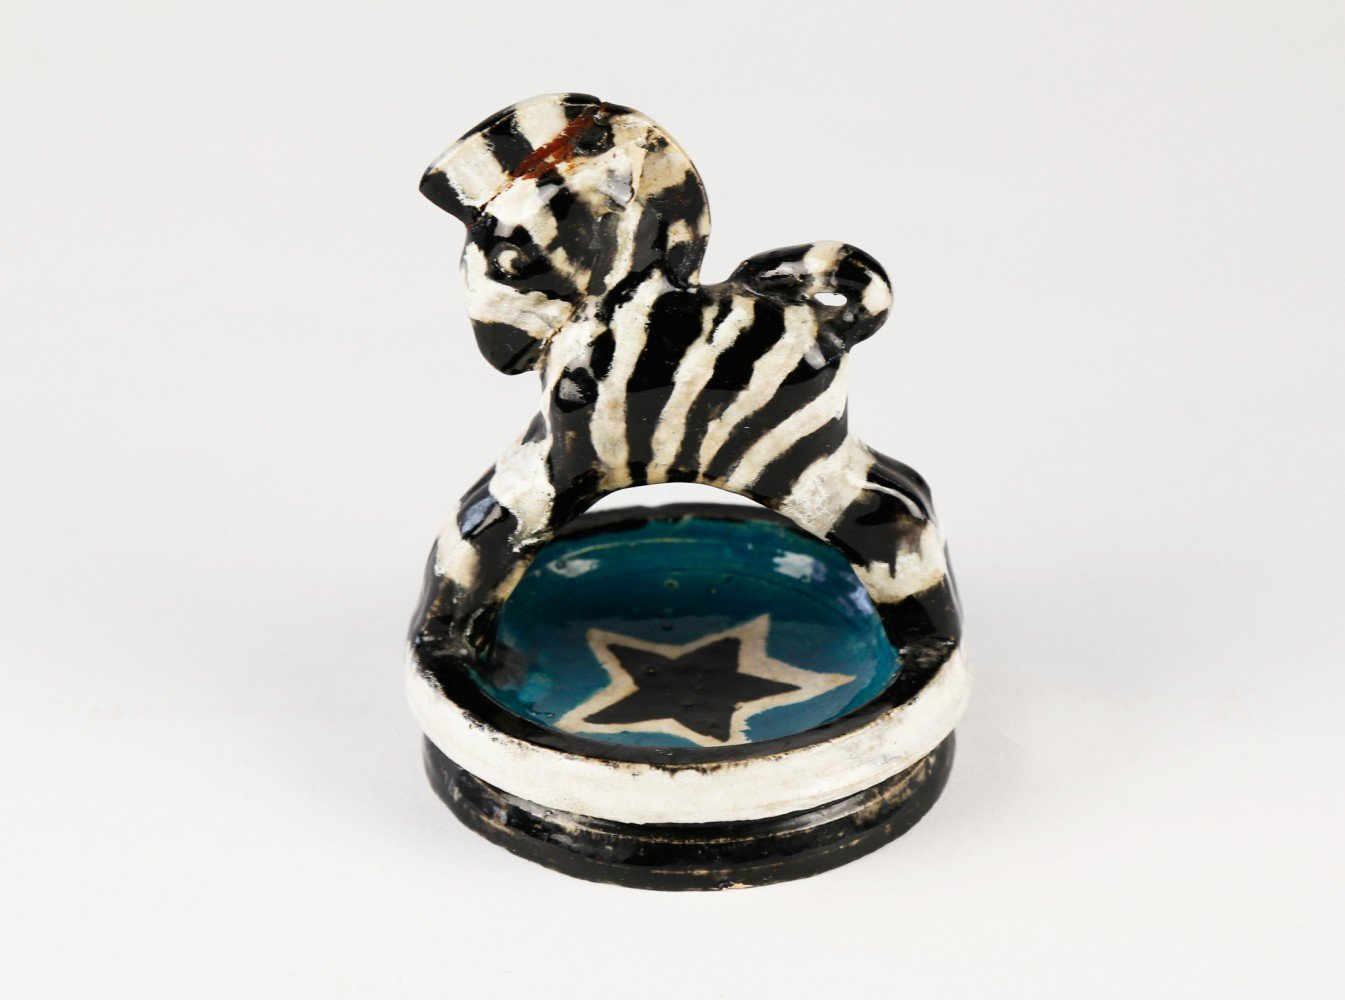 Zebra by Russell Aitken